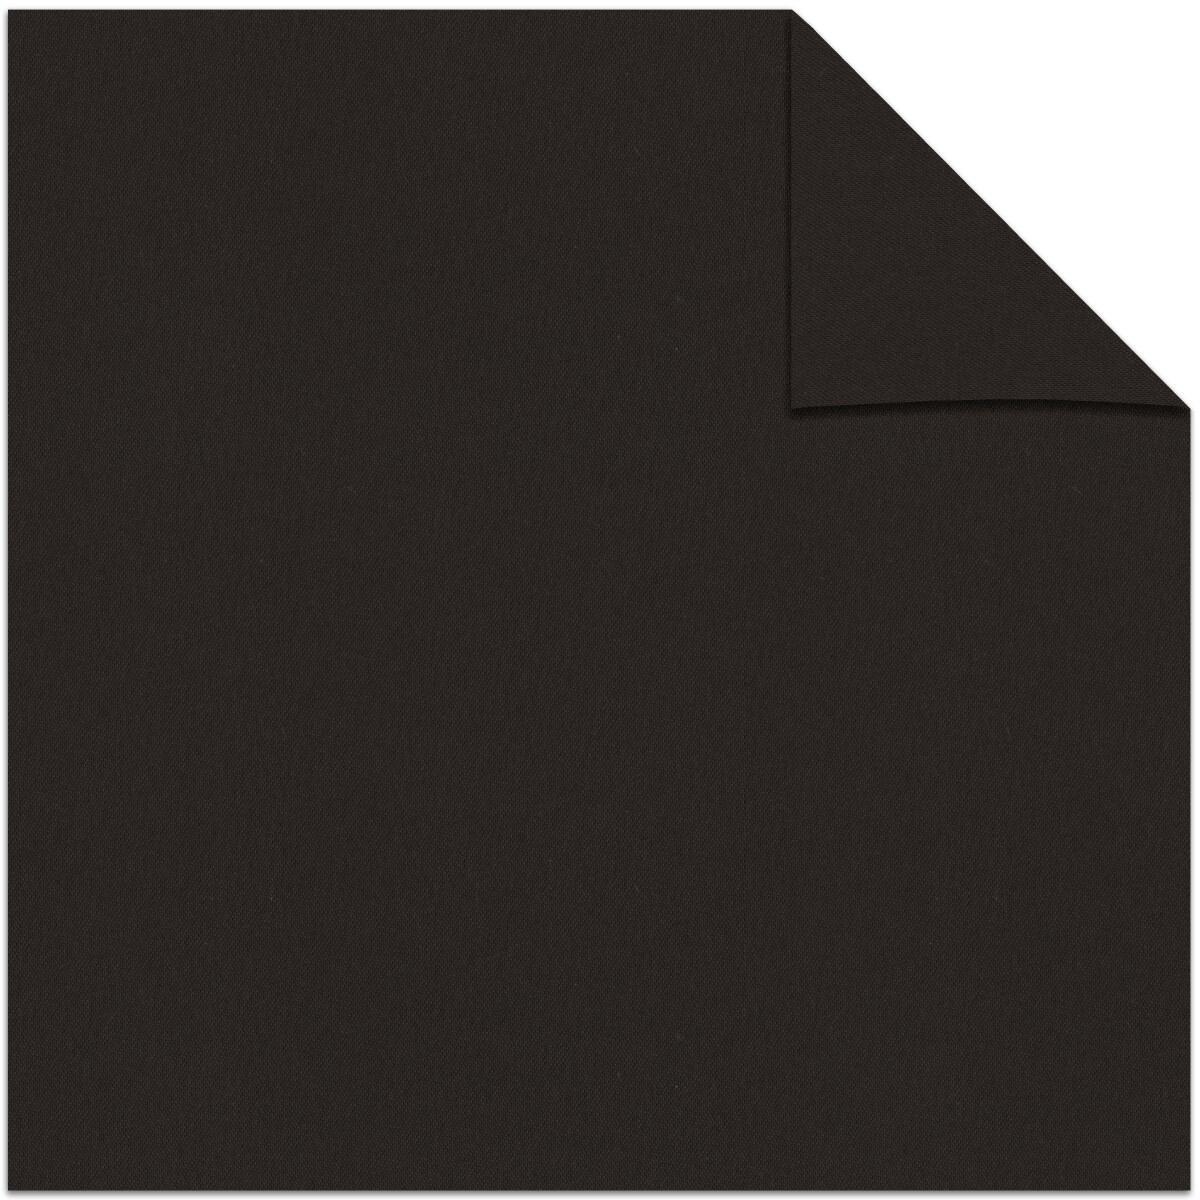 Tenda a rullo oscurante Dublin marrone 90 x 190 cm - 4